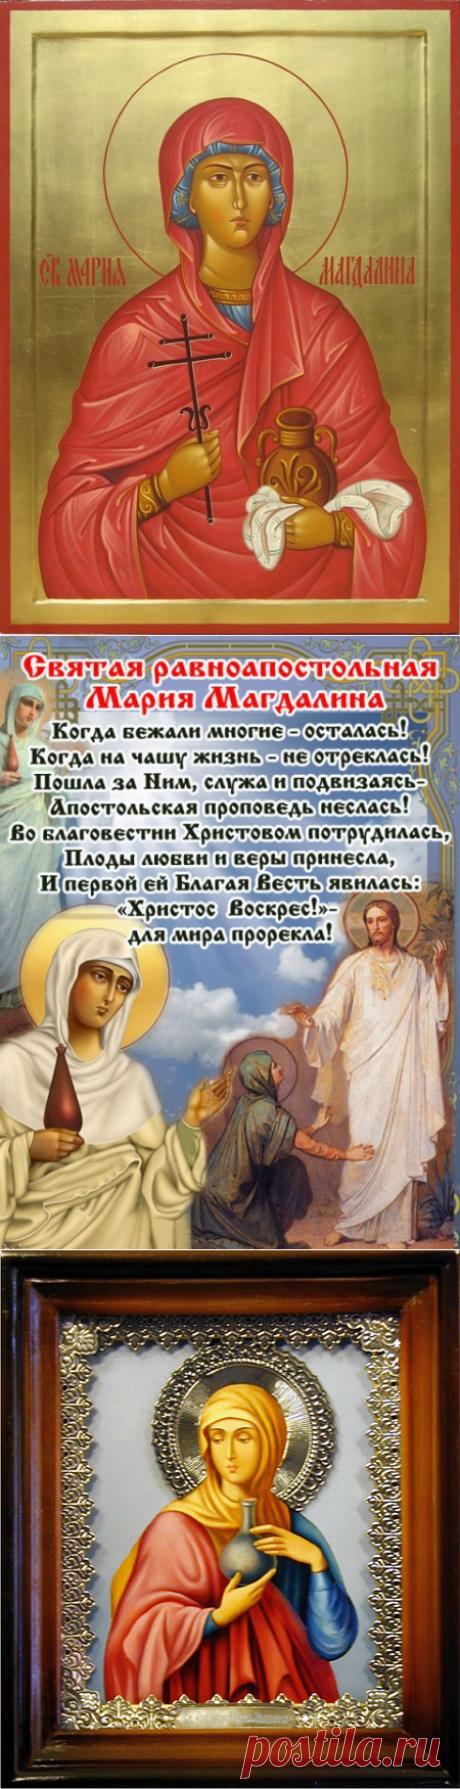 El 4 de agosto - el Día de la memoria mironositsy ravnoapostolnoy María Magdaliny.